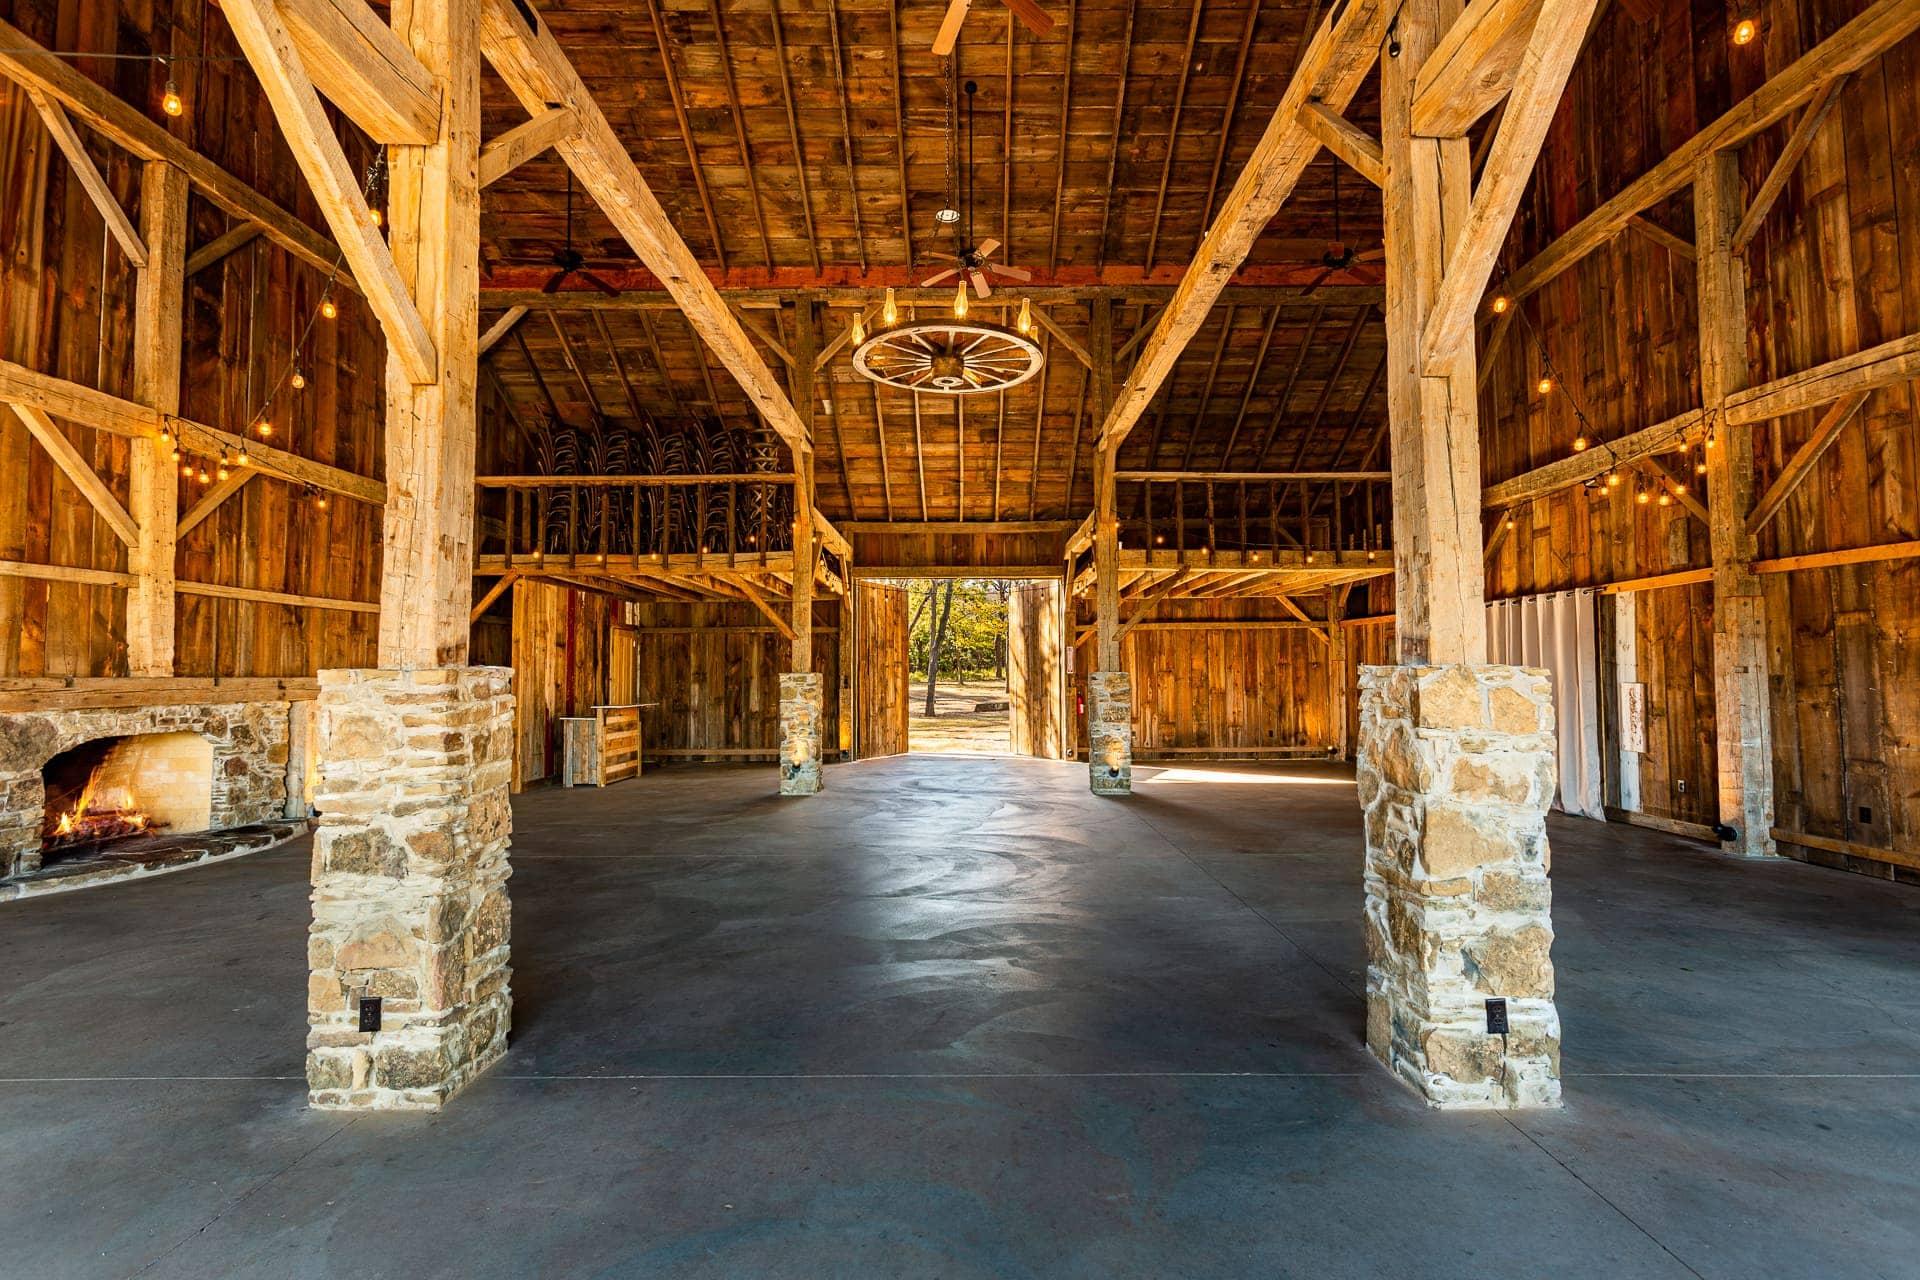 Spacious Barn Interiors in Esperanza Ranch | Oklahoma